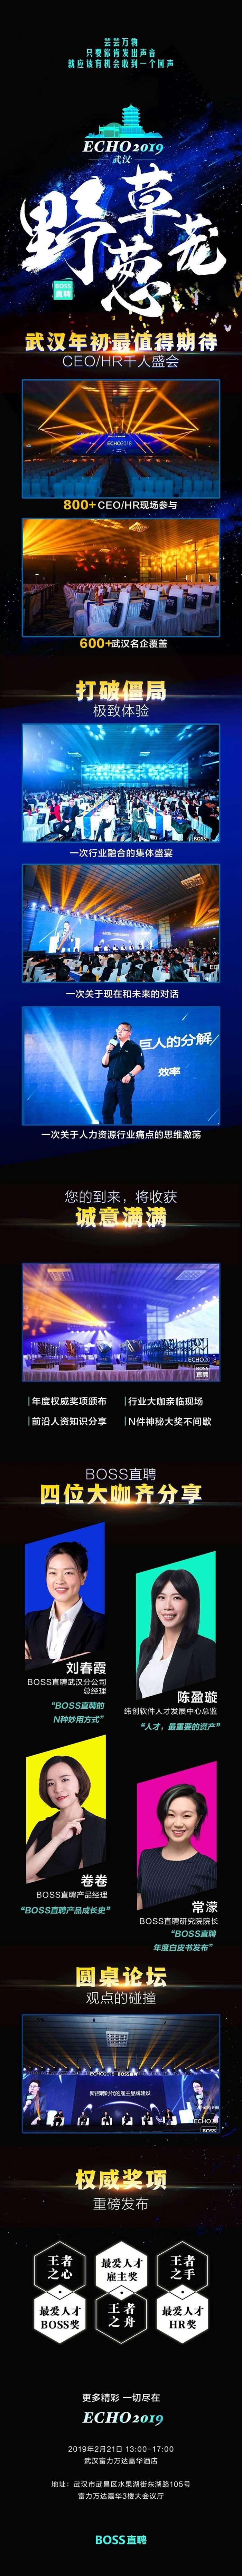 ECHO武汉活动CRM长图(2.18).jpg